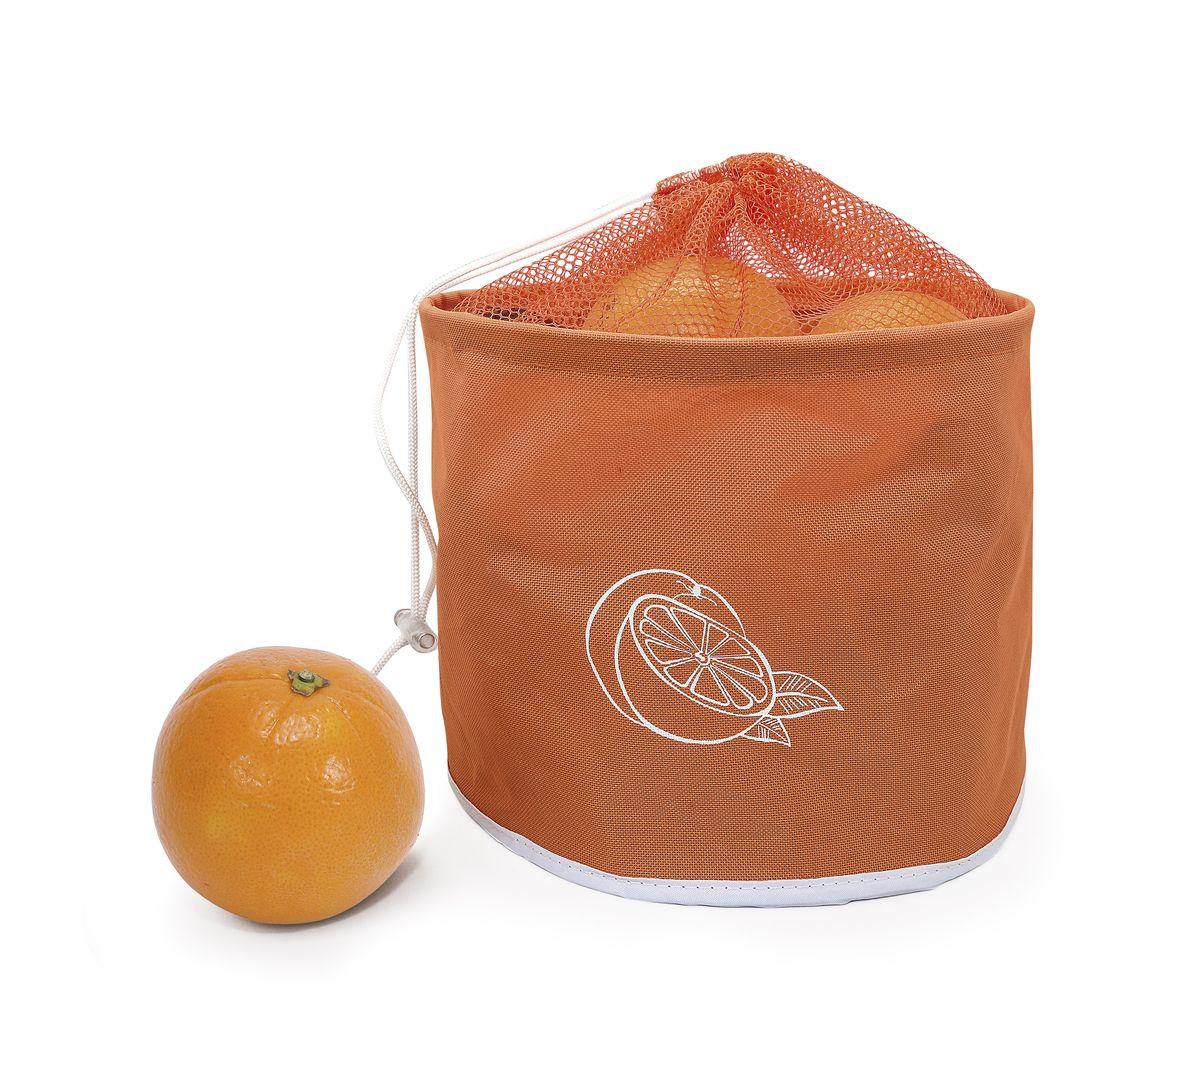 Сумка для хранения цитрусовых Iris, до 5 кг, цвет: оранжевыйI9511-TСохраните Ваши фрукты свежими! Сумка довольно вместительная, может держать до 5 кг. Очень компактная, складывается как обычный тряпичный пакет. Цвет - оранжевый